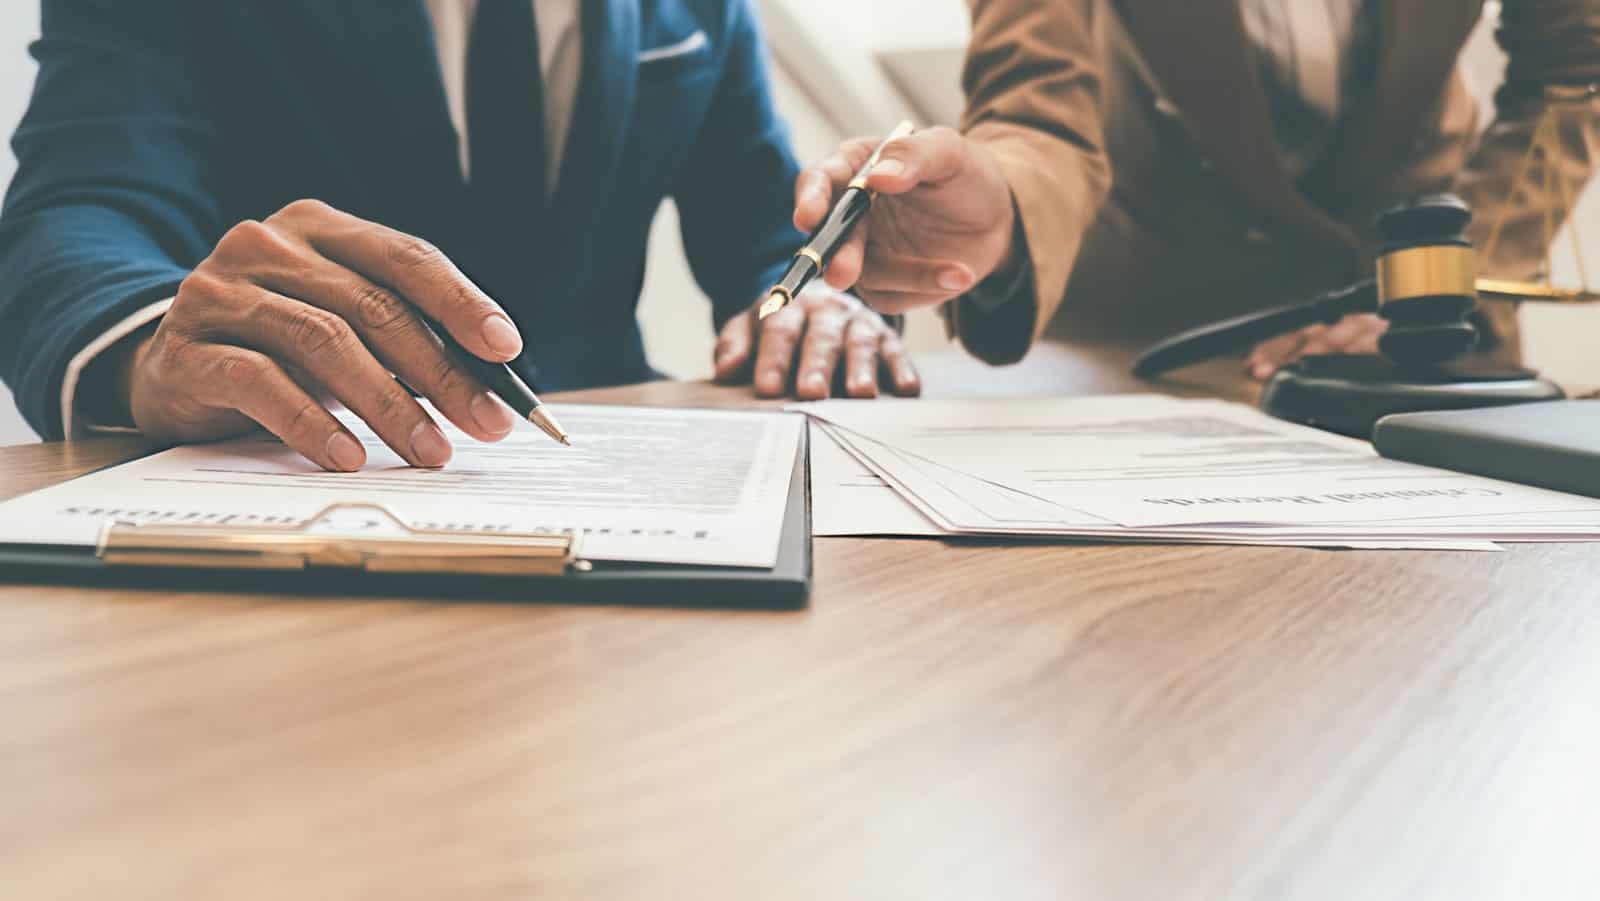 Rechtsanwalt Versicherungsrecht • Ihre Fachkanzlei aus Paderborn • MPK – Melzer Penteridis Kampe• Fachanwalt